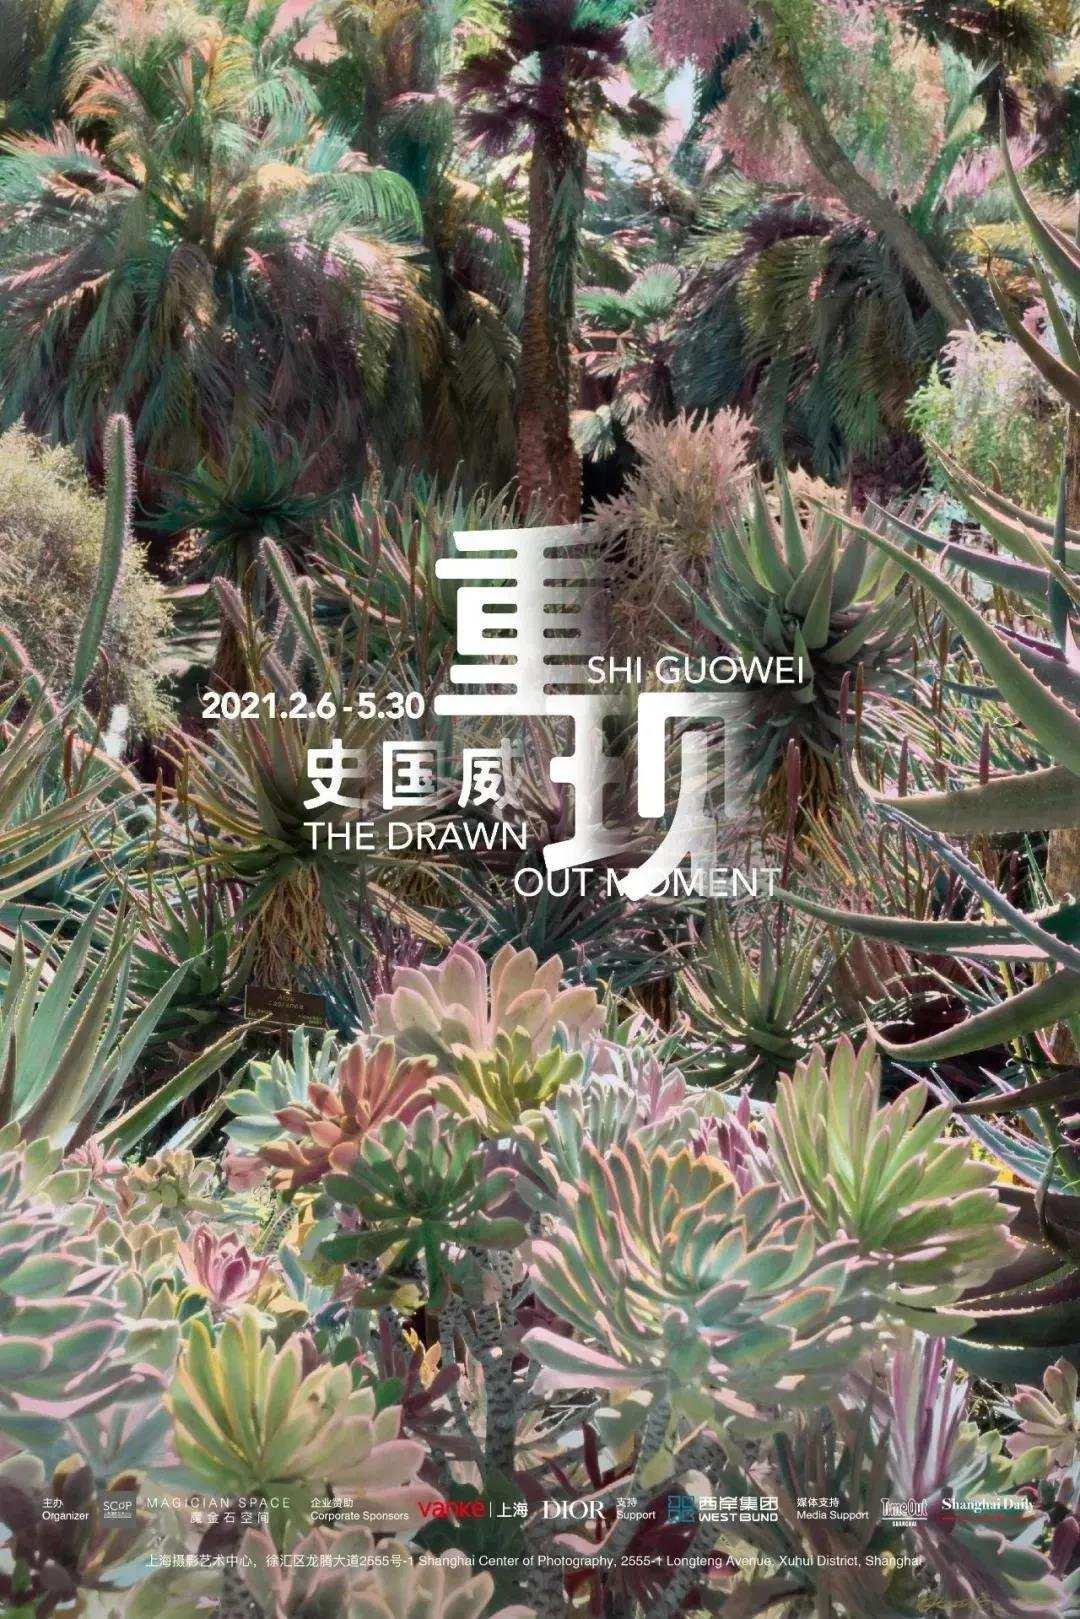 详情请关注上海摄影艺术中心SCOP微信公众号